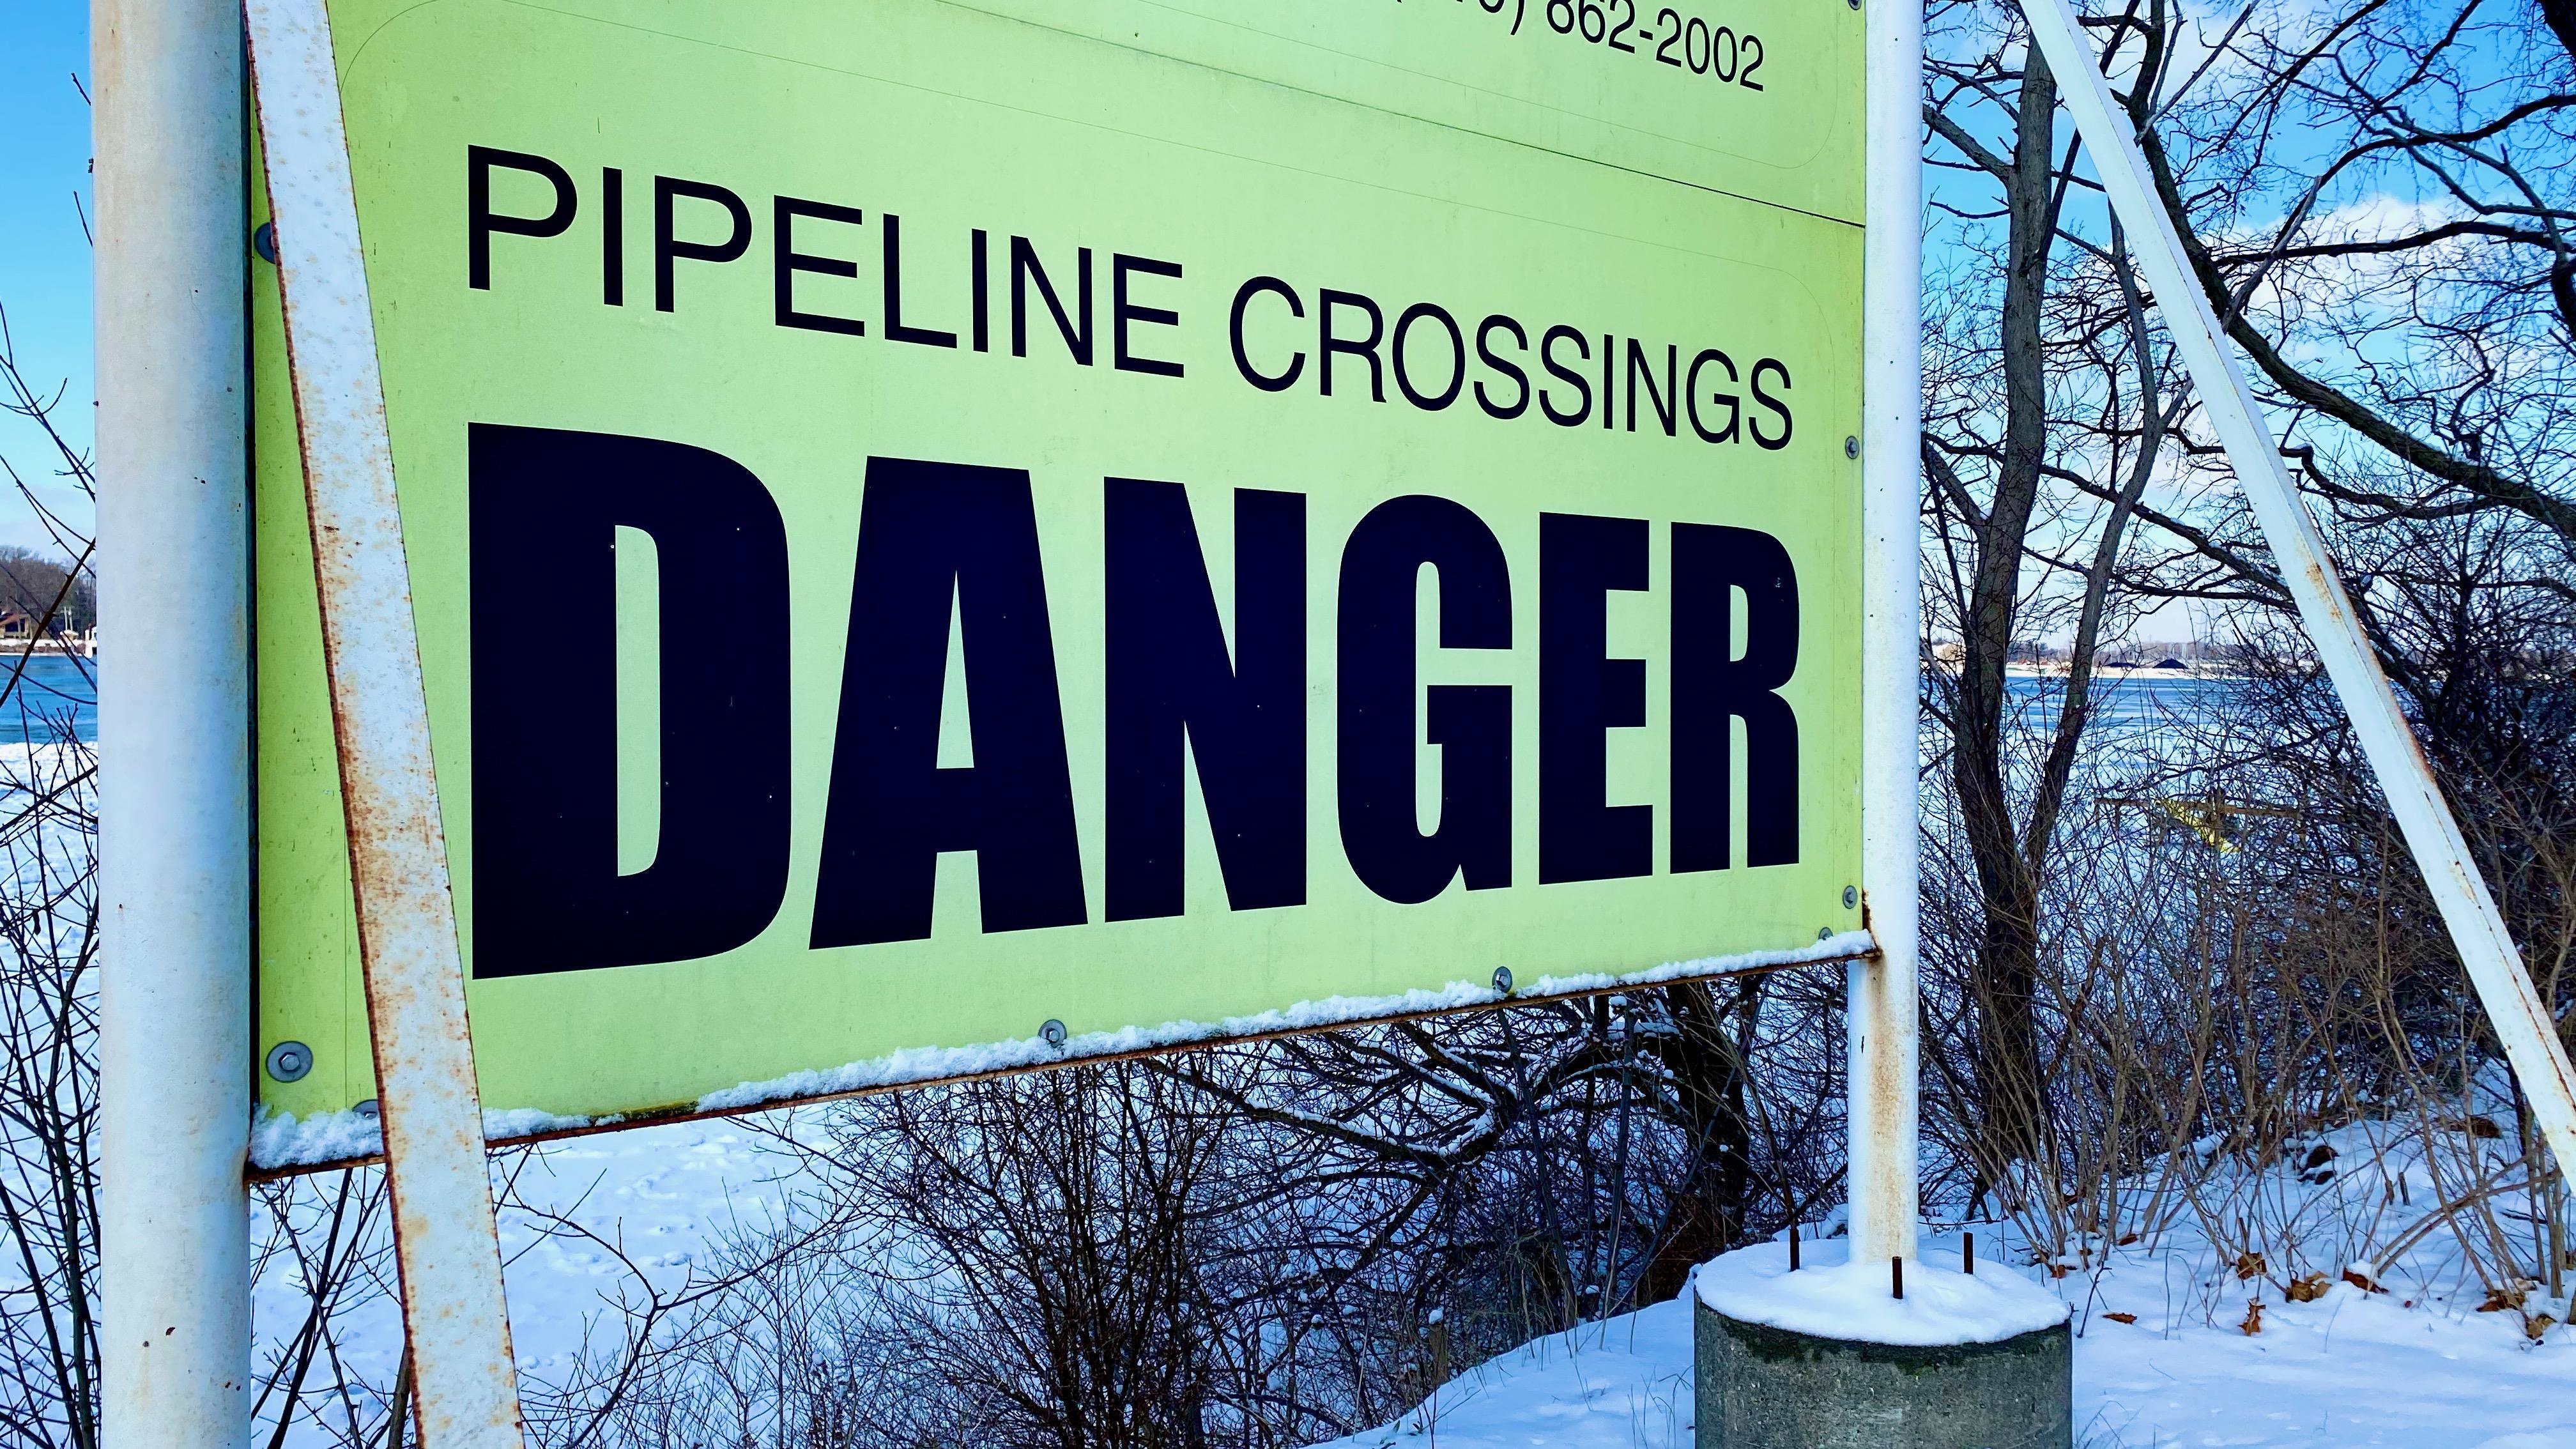 Un afiche indica que un oleoducto está pasando bajo el agua.